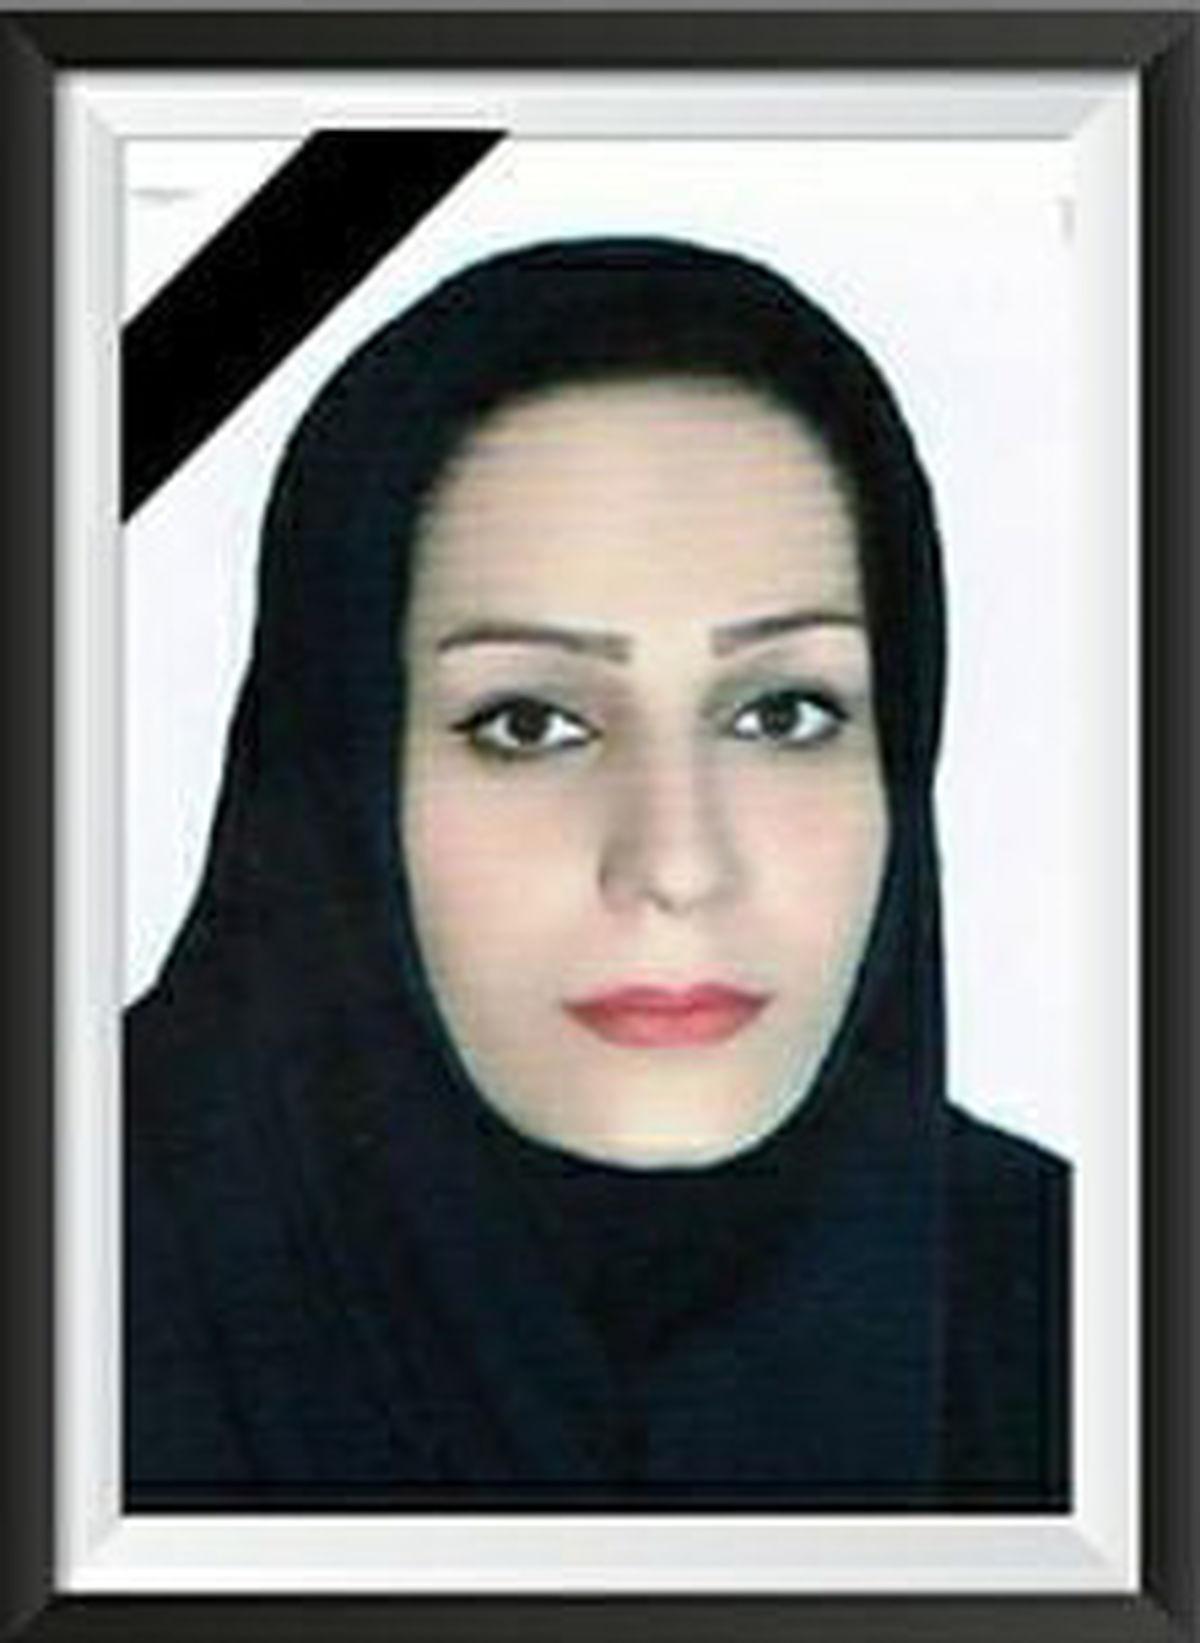 قتل بی رحمانه کارآموز وکالت در کرمانشاه + عکس